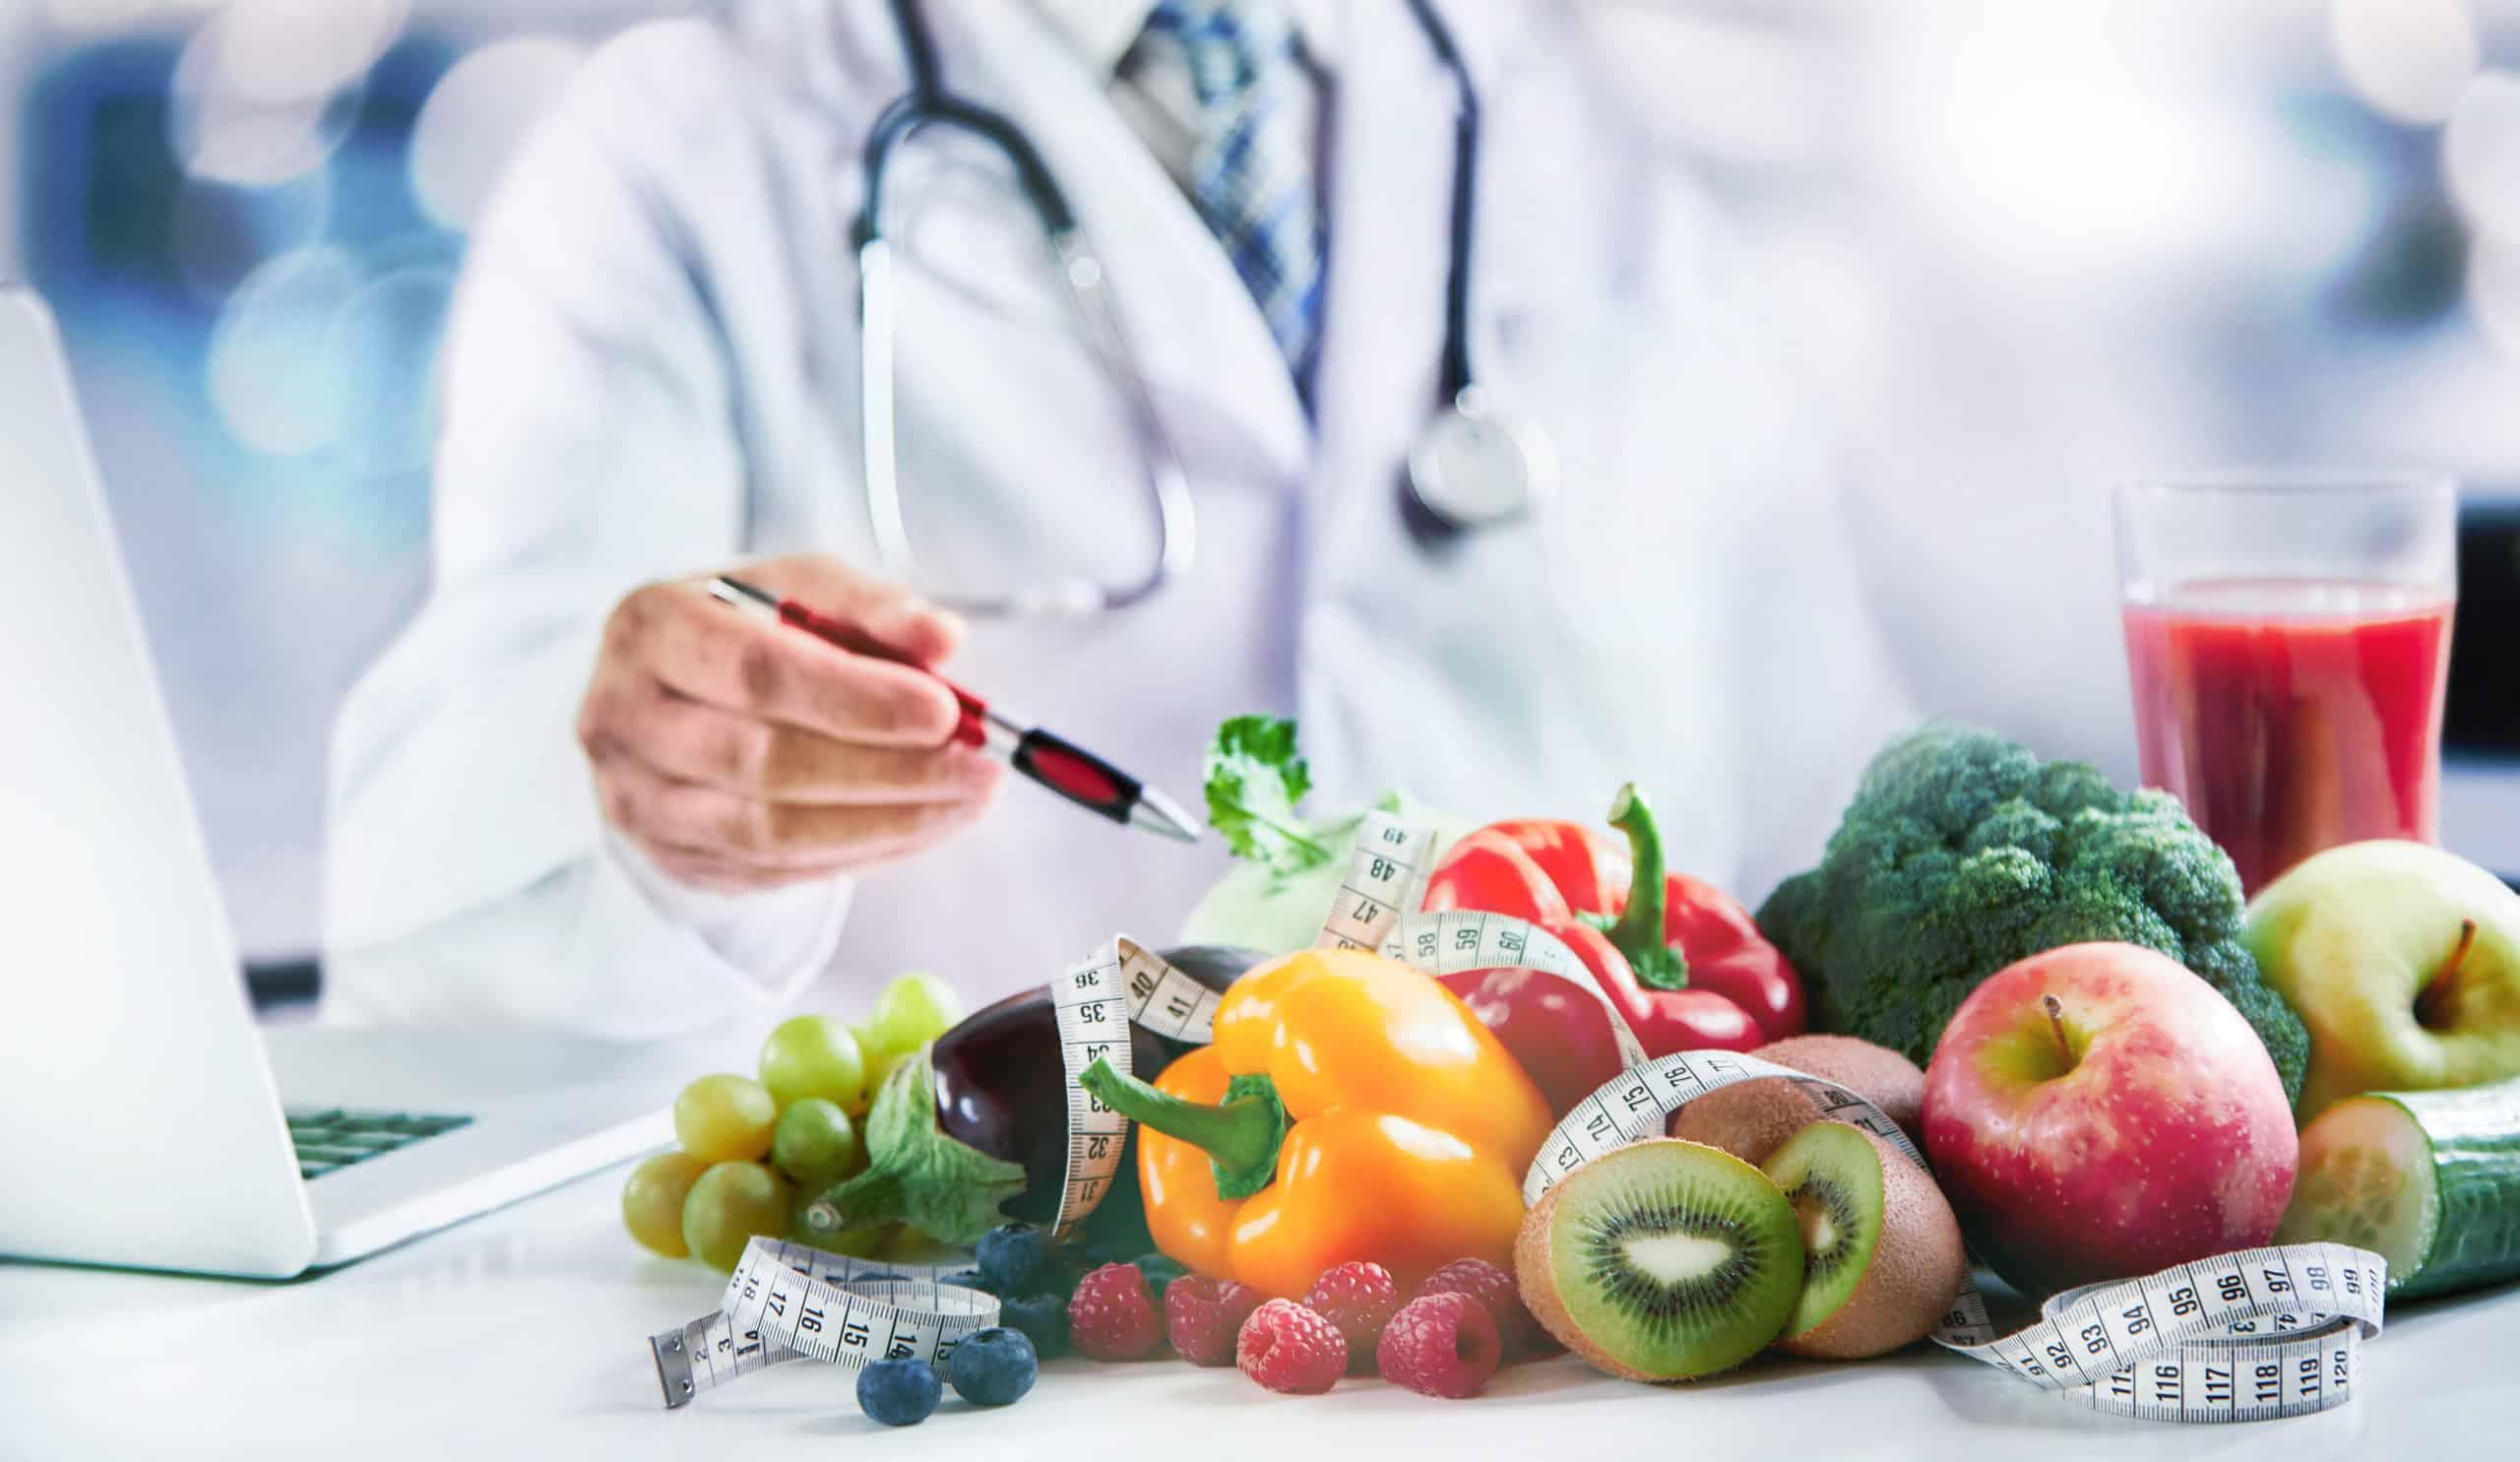 Weniger Zucker «Wie Kann Ich Den Süssen Heisshunger Am Besten Kontrollieren?»